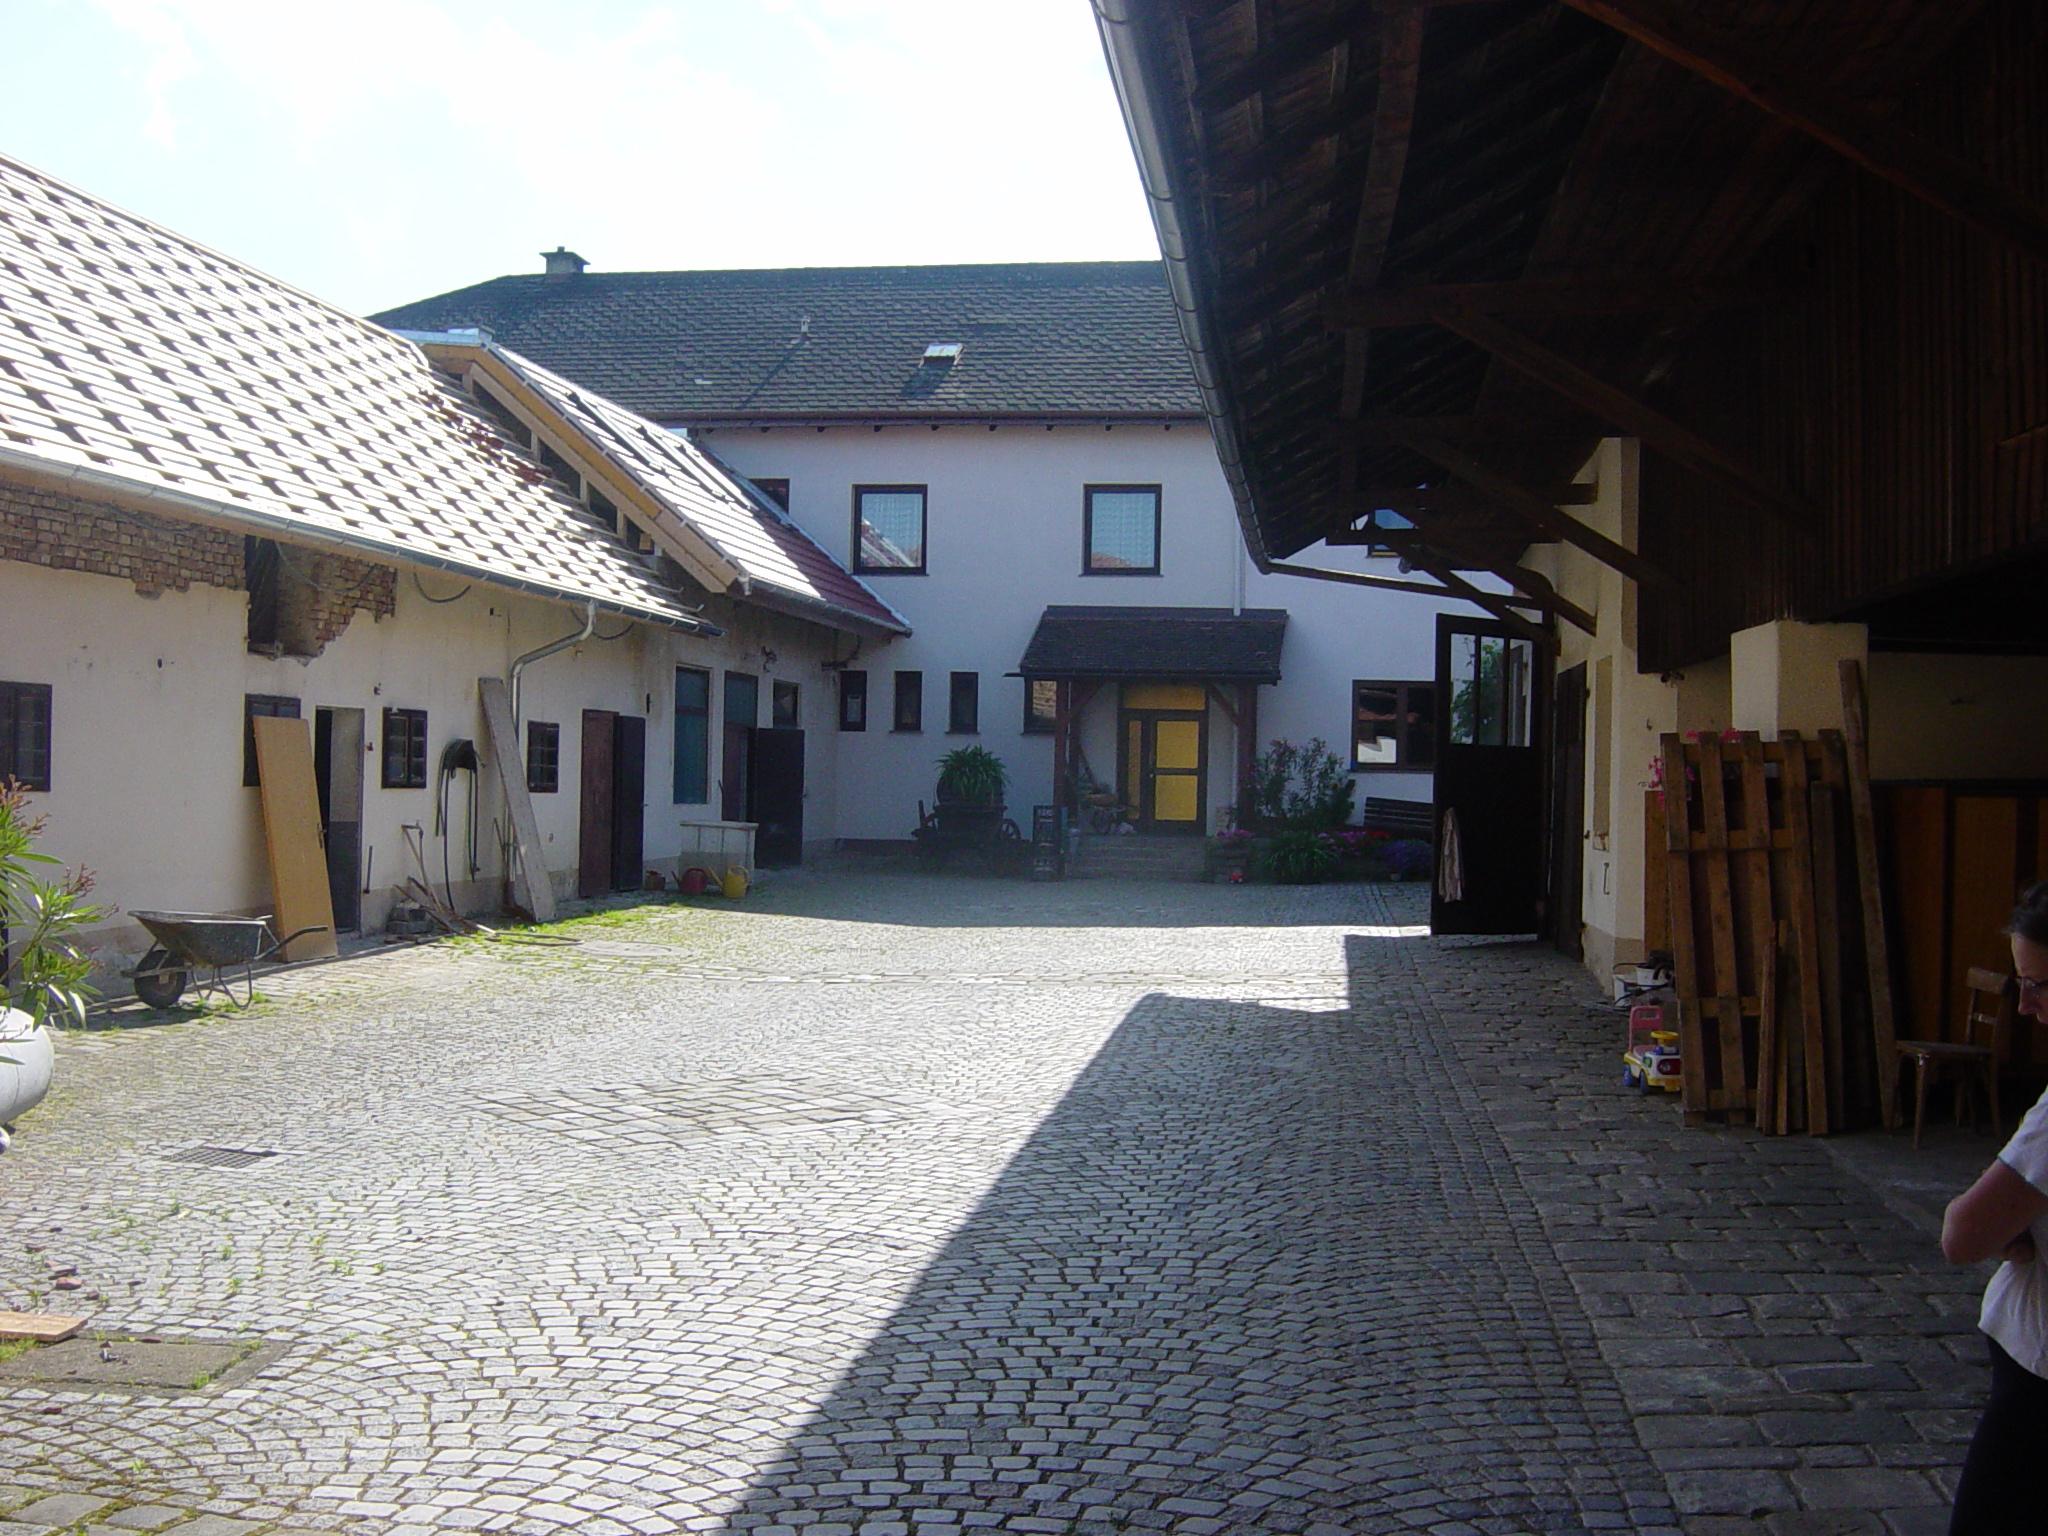 https://0501.nccdn.net/4_2/000/000/038/2d3/Haus_umbau-064-2048x1536.jpg